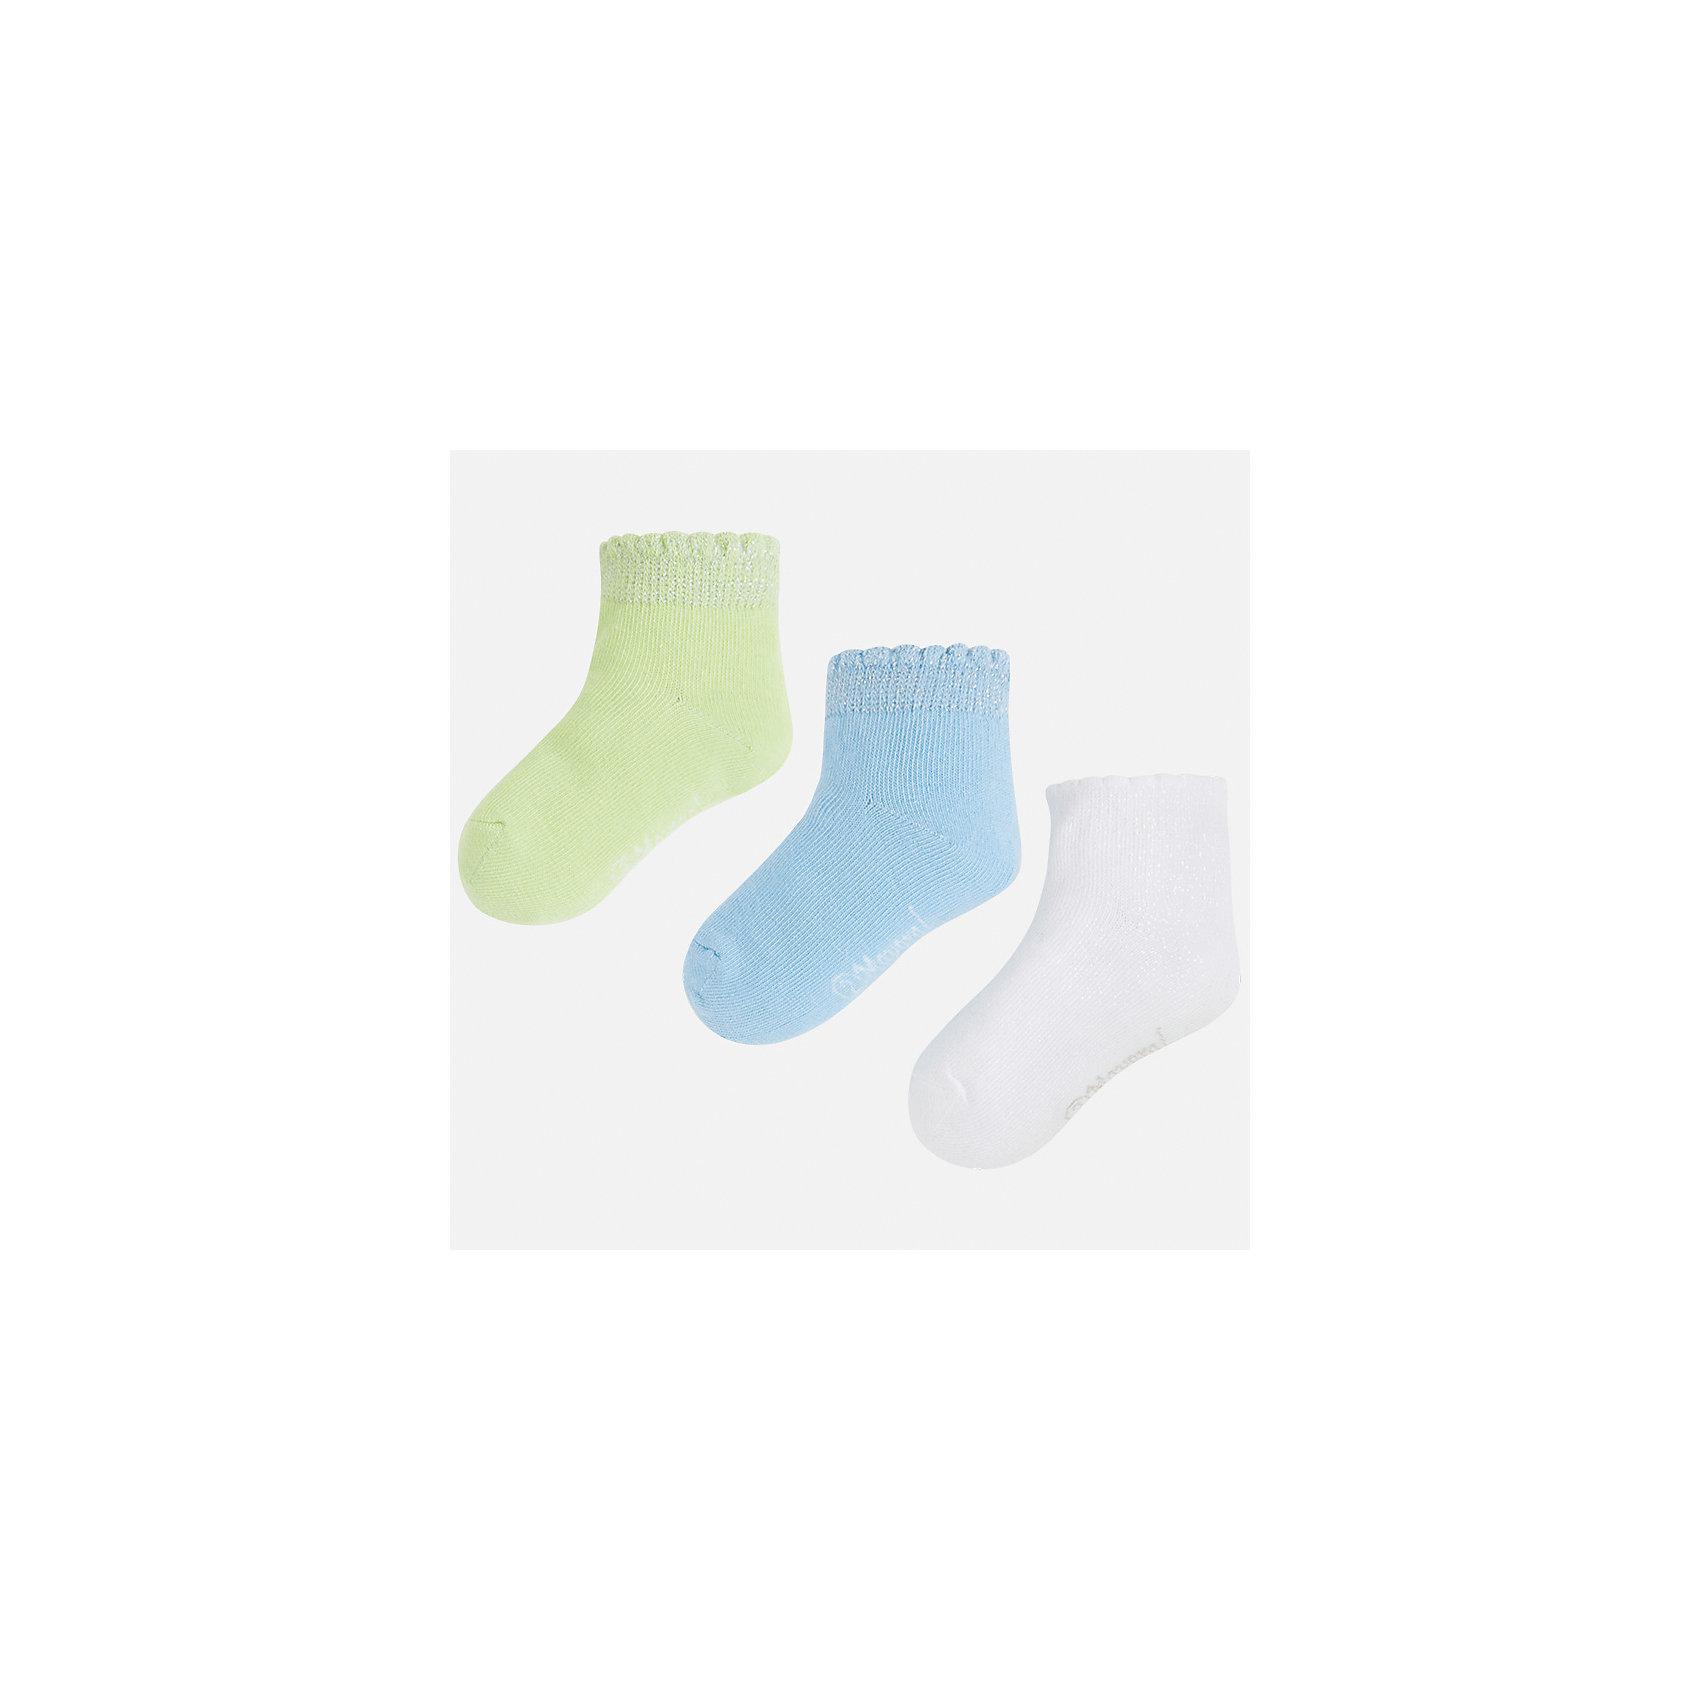 Носки (3 пары) для девочки MayoralНоски<br>Характеристики товара:<br><br>• цвет: зелёный/голубой/белый<br>• состав: 72% хлопок, 20% полиэстер, 17% металлизированная нить, 3% эластан<br>• комплектация: три пары<br>• мягкая широкая резинка<br>• эластичный материал<br>• однотонные<br>• страна бренда: Испания<br><br>Удобные симпатичные носки для девочки помогут обеспечить ребенку комфорт и дополнить наряд. Носки удобно сидят на ноге и аккуратно смотрятся. В составе материала - натуральный хлопок, гипоаллергенный, приятный на ощупь, дышащий. <br><br>Носки (3 пары) для девочки от испанского бренда Mayoral (Майорал) можно купить в нашем интернет-магазине.<br><br>Ширина мм: 87<br>Глубина мм: 10<br>Высота мм: 105<br>Вес г: 115<br>Цвет: зеленый<br>Возраст от месяцев: 48<br>Возраст до месяцев: 60<br>Пол: Женский<br>Возраст: Детский<br>Размер: 2,8,4,6<br>SKU: 5293489